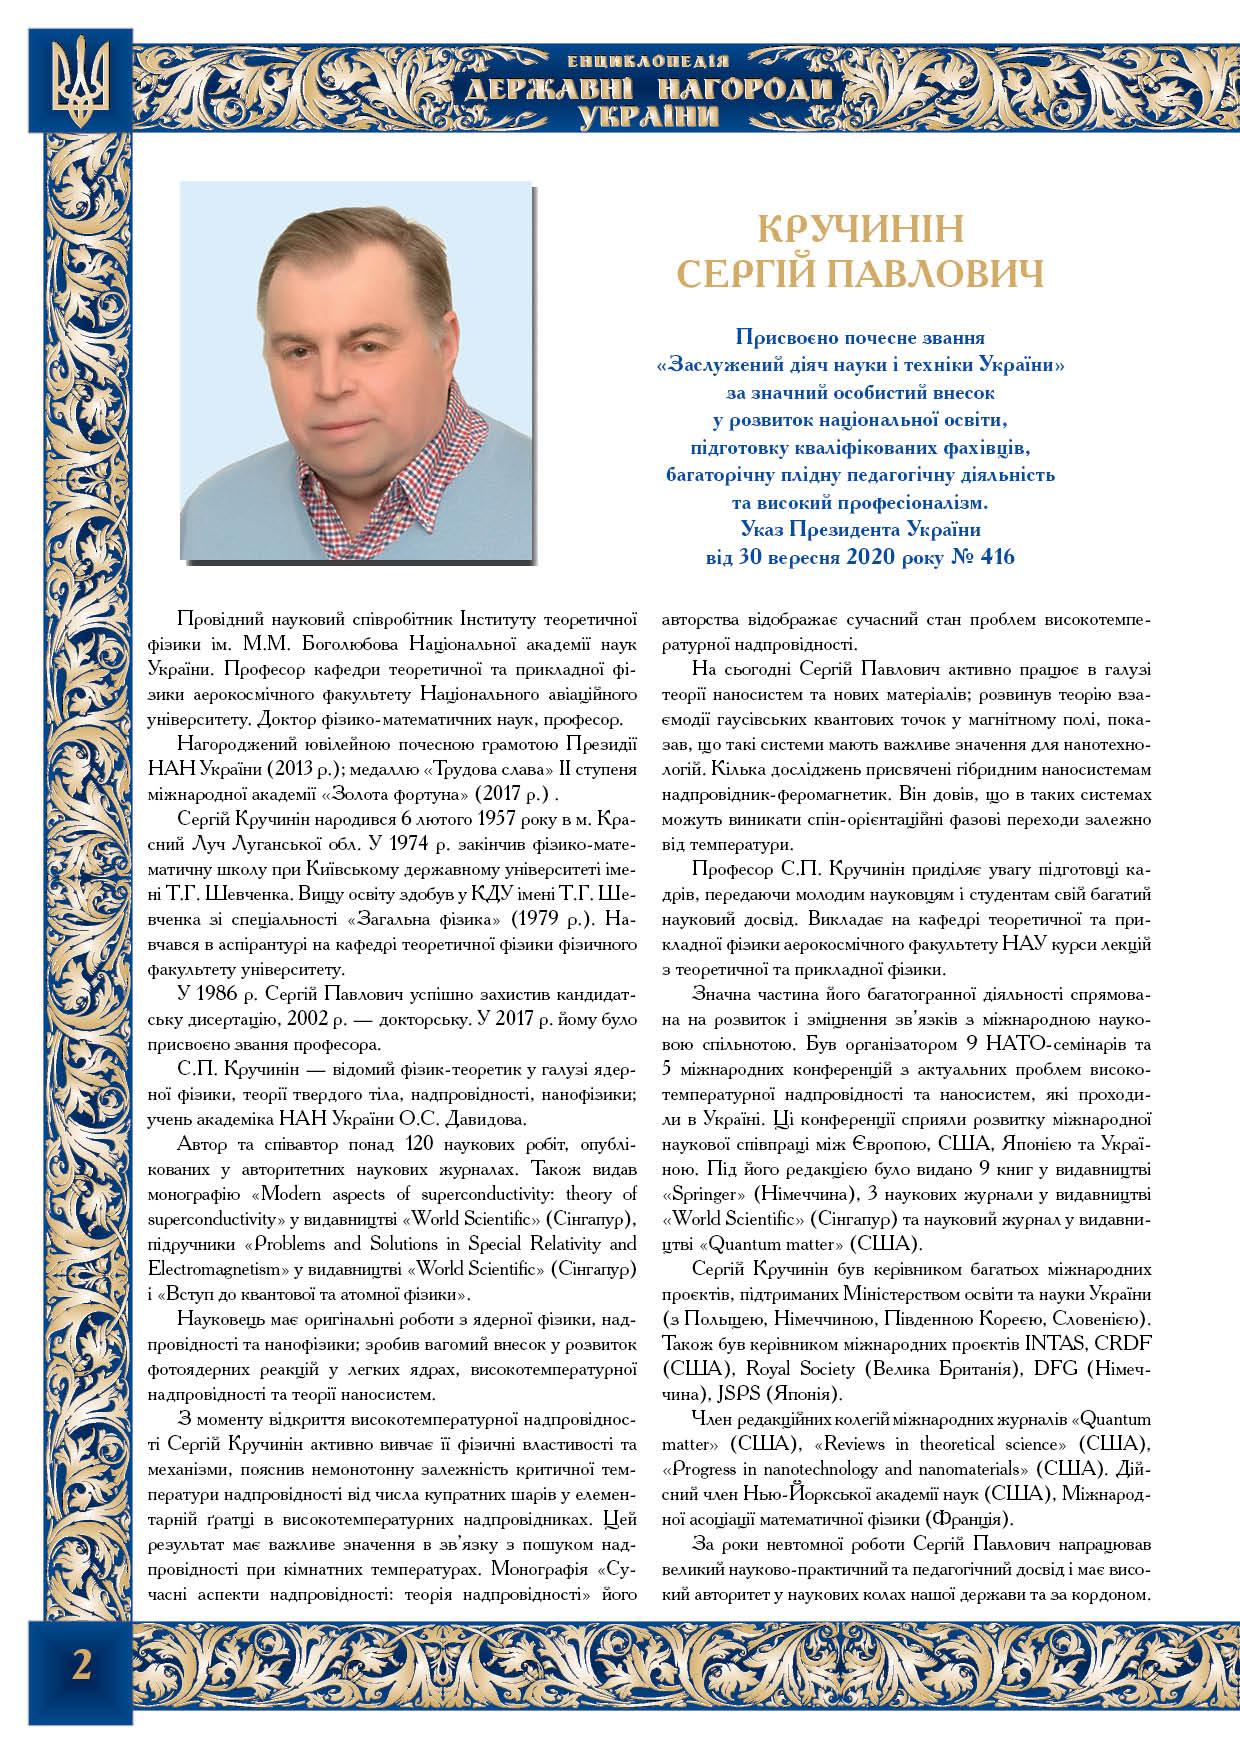 Кручинін Сергій Павлович